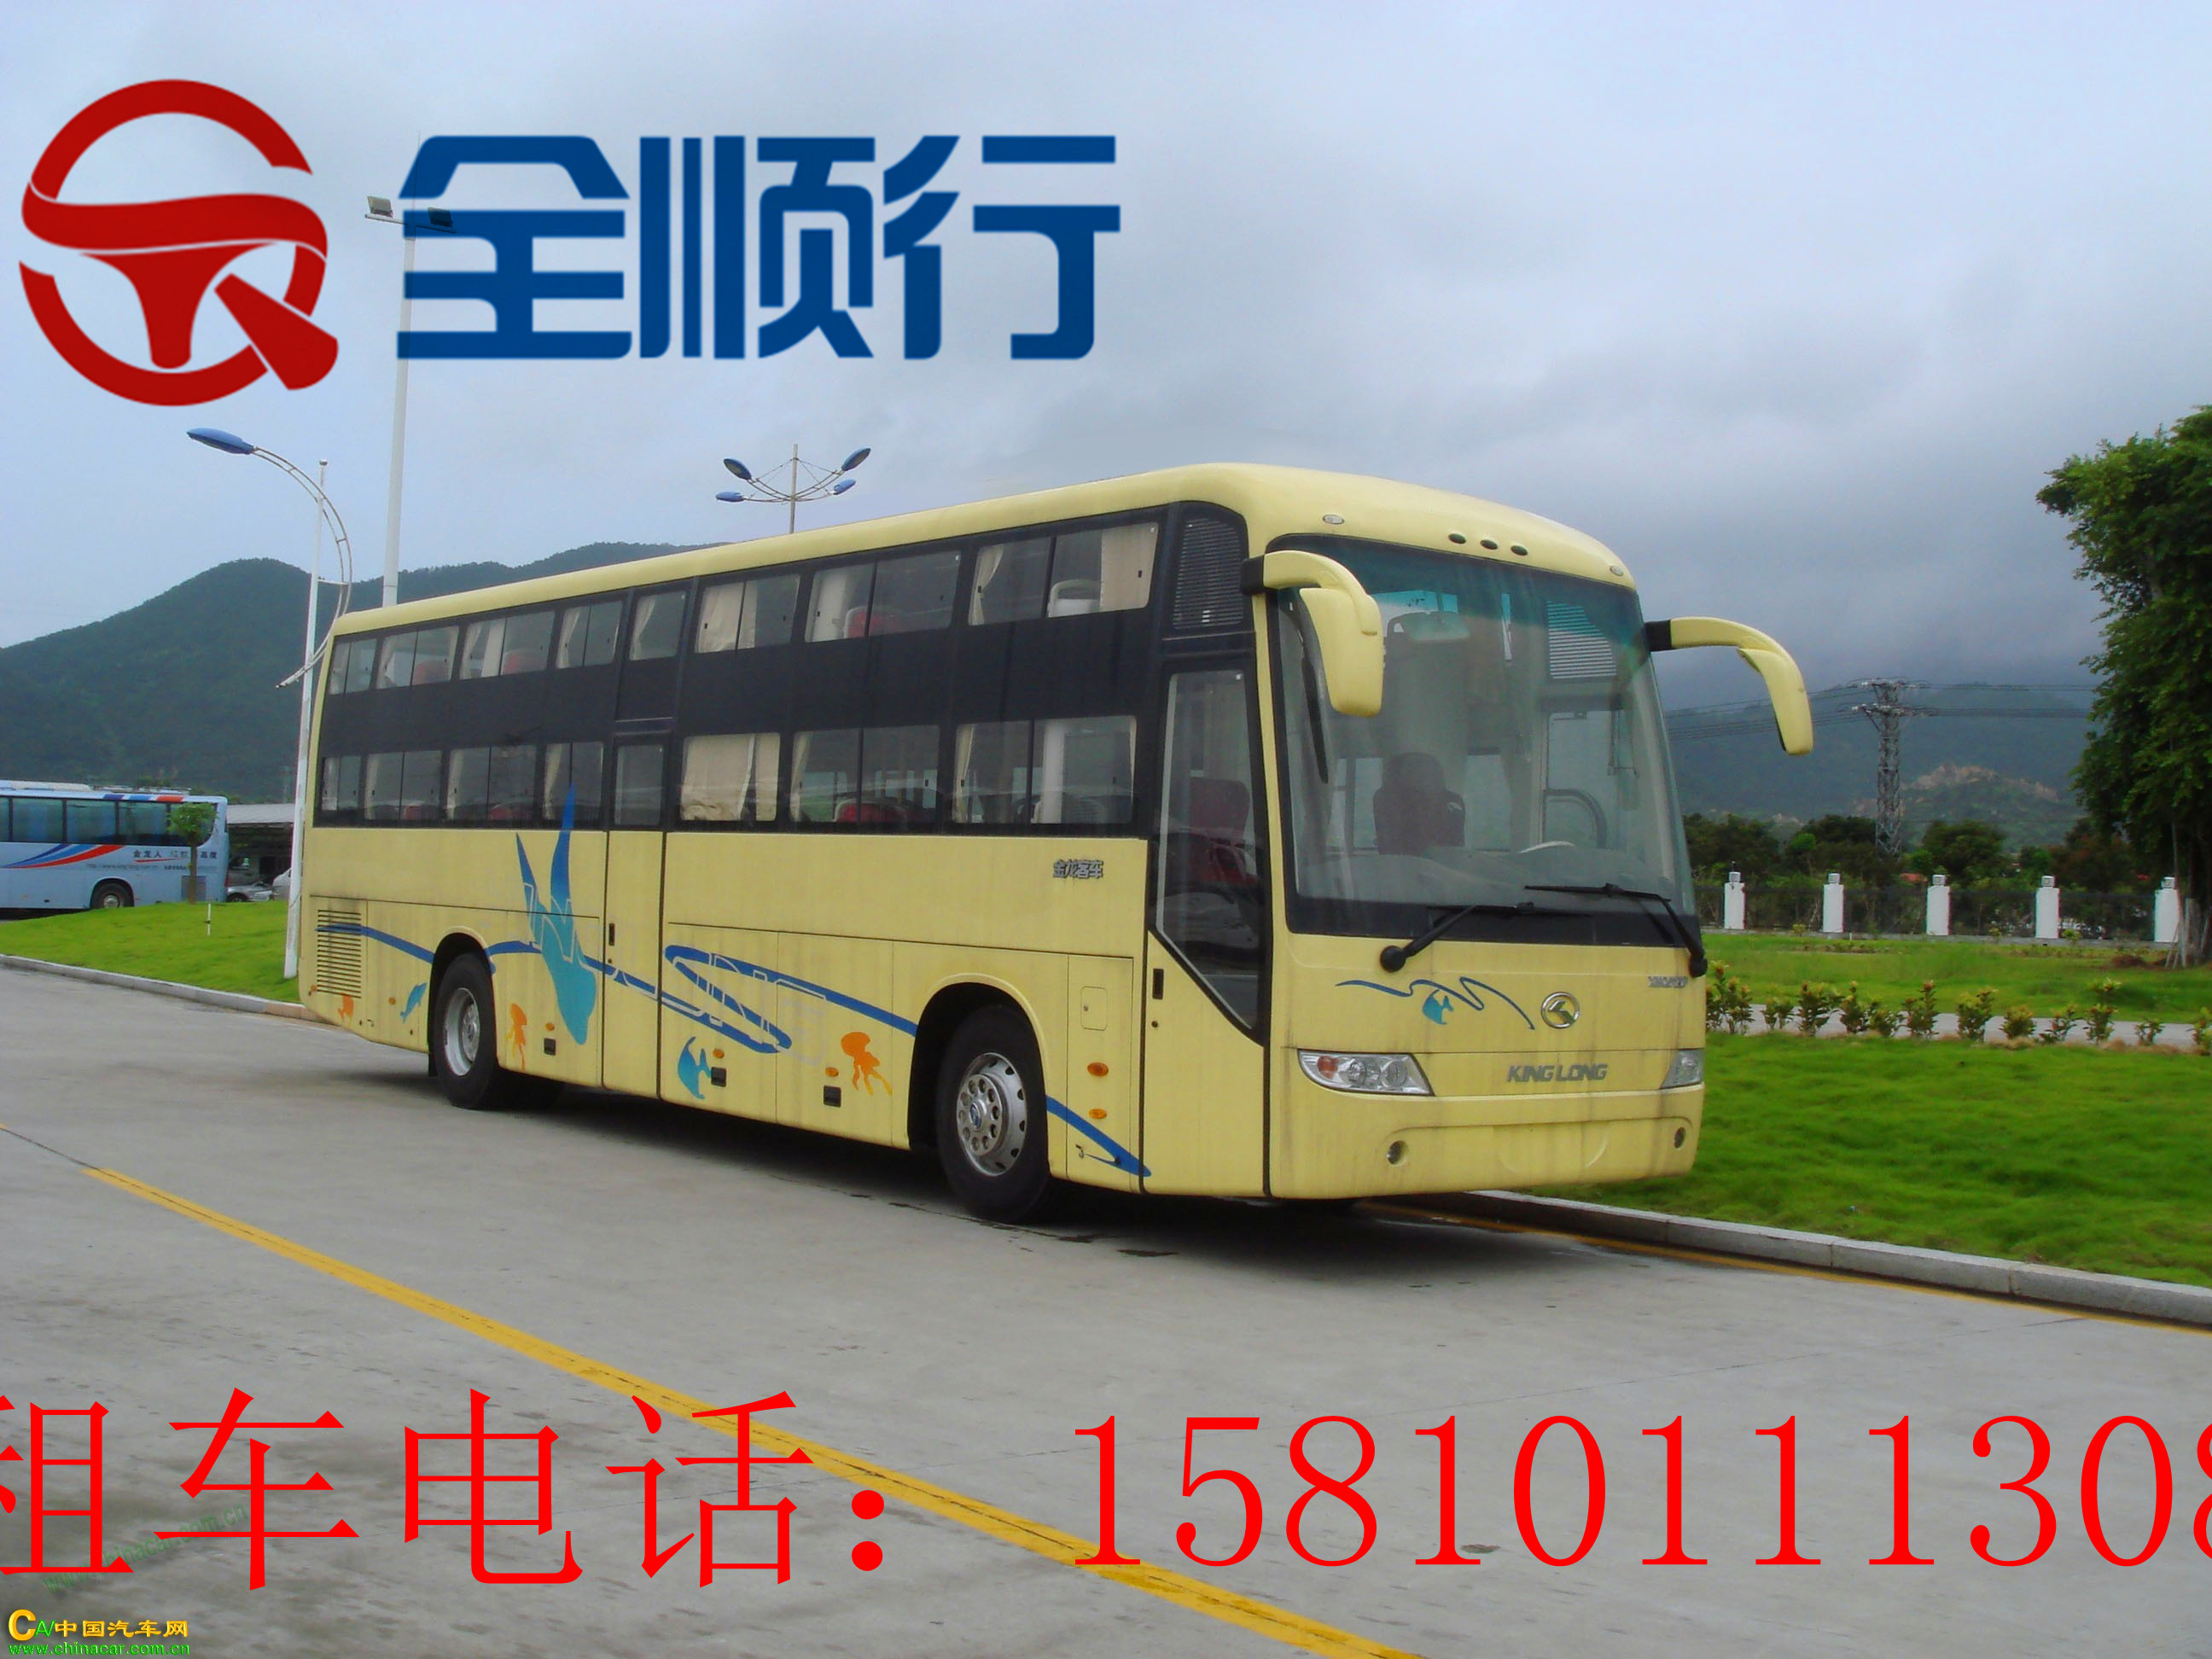 这是为北京及北京周边散客团体包车租车推出的业务,目的是解决小型团体,满足企业事业单位集中出门旅行。提供的从出发到行程结束,一站式全方位用车服务。